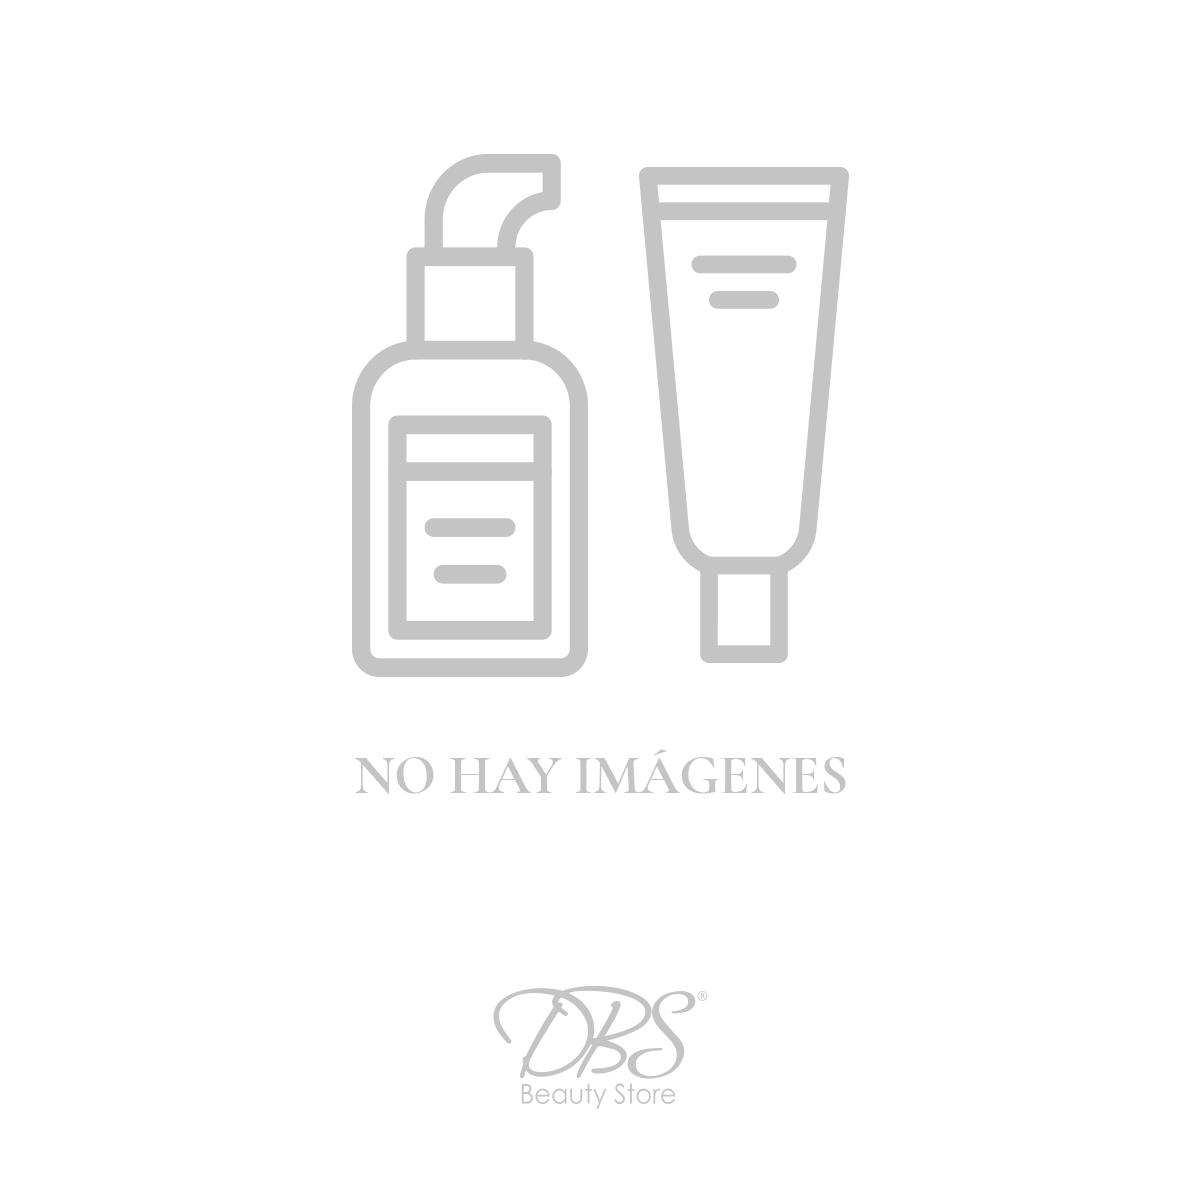 DERMO EXPERT:  ¡4 ingredientes de Skincare que todo el mundo habla!